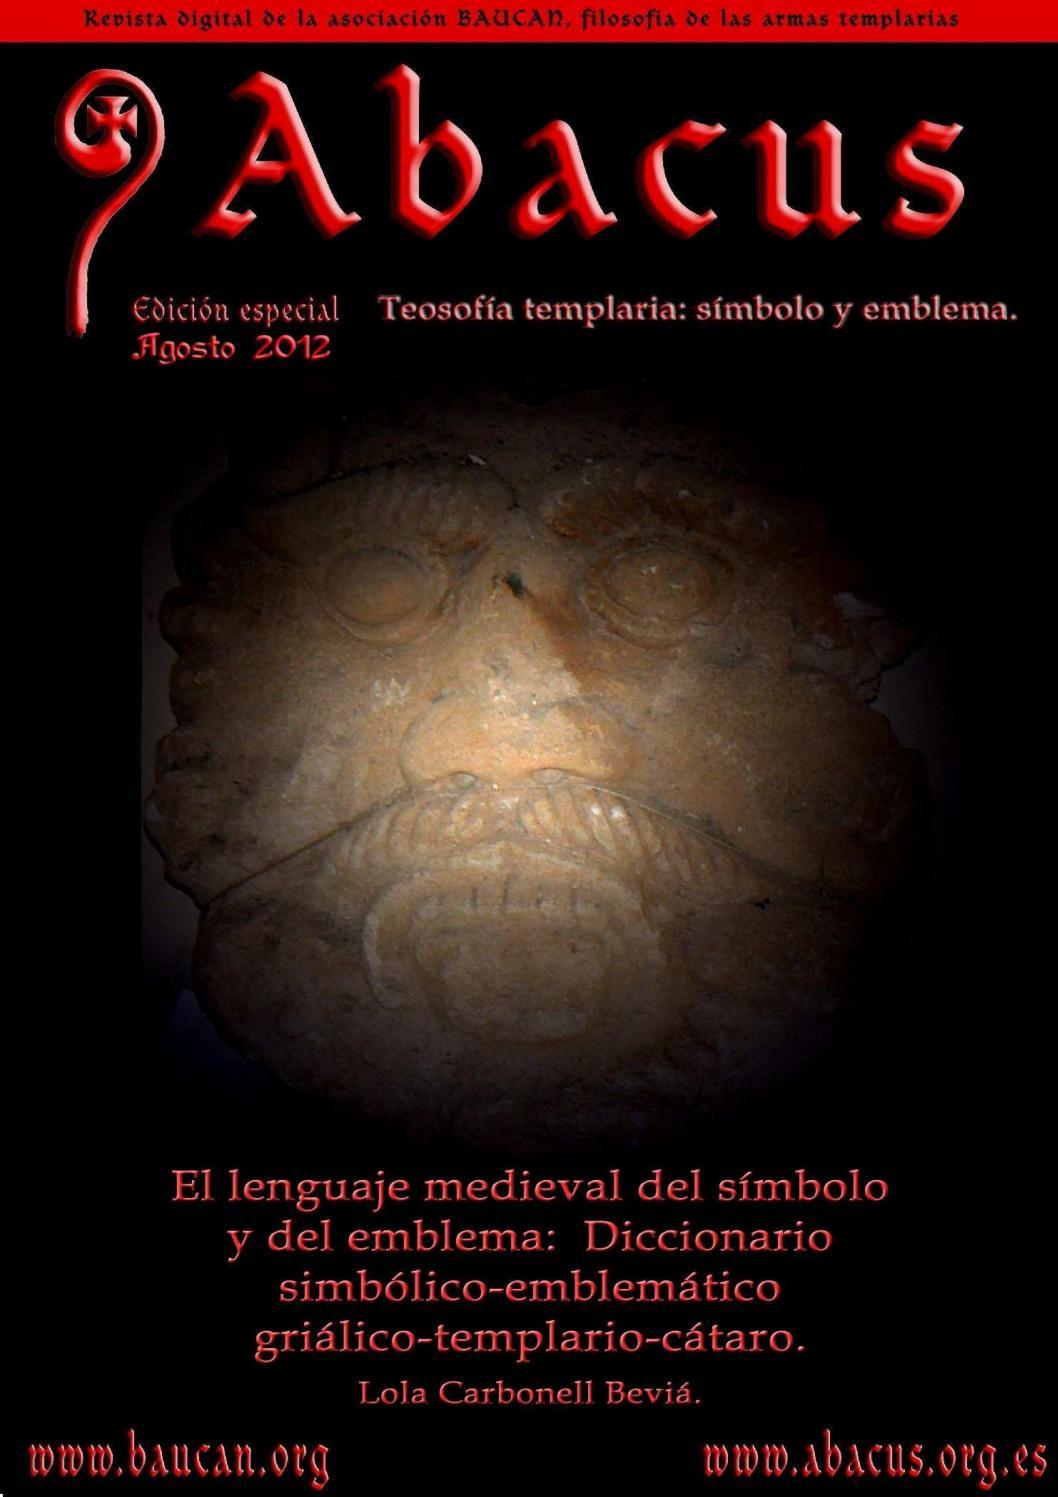 Diccionario simbólico griálico, templario cátaro by Historia